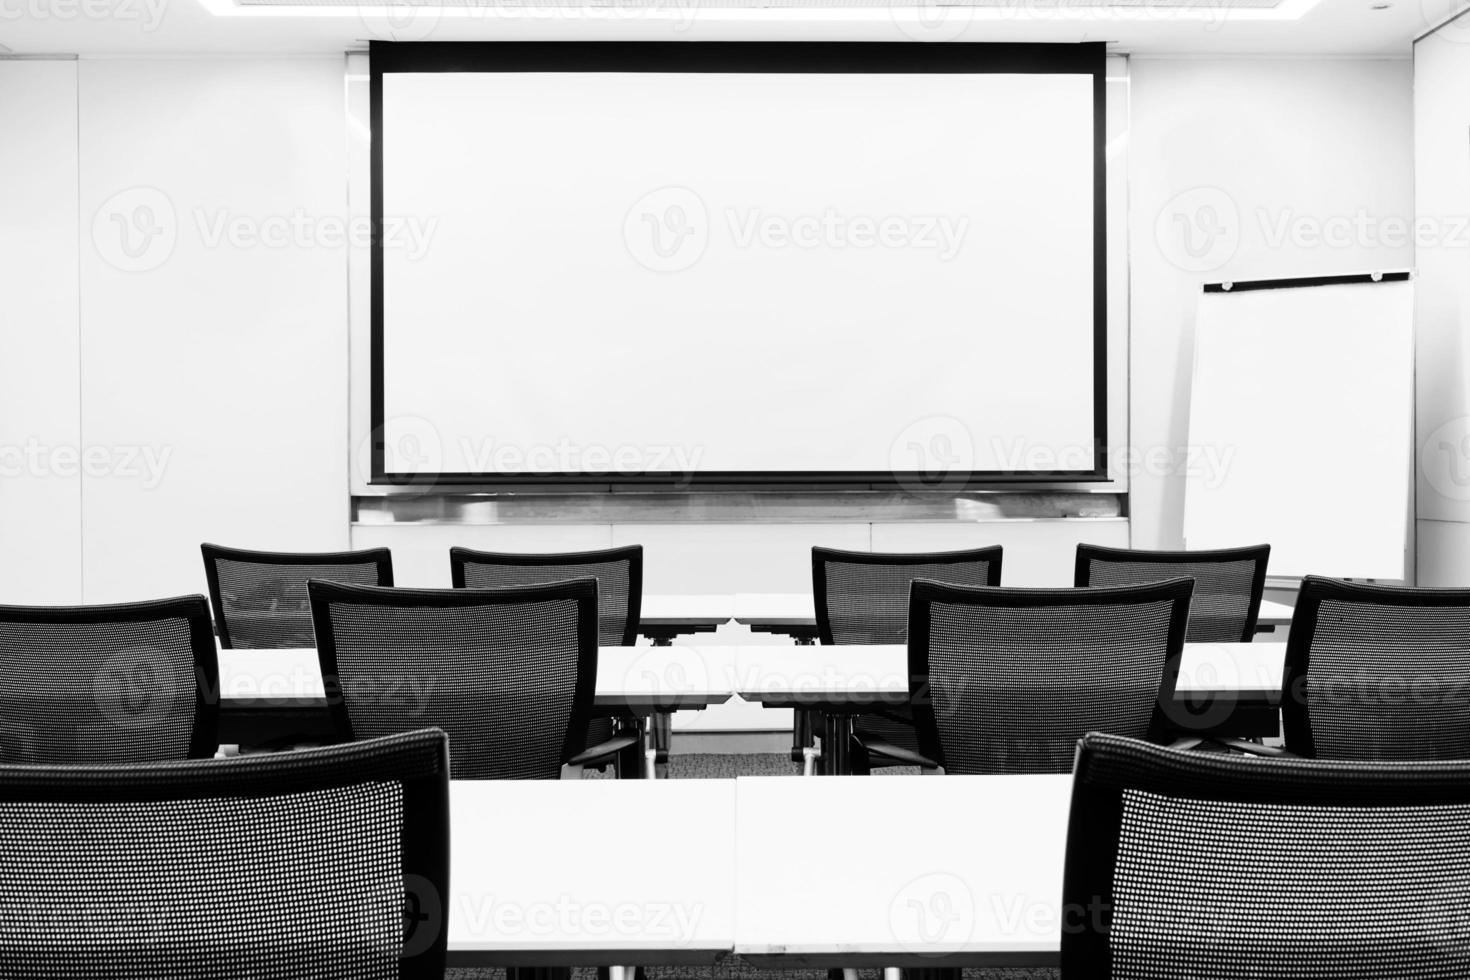 sala de apresentação de seminários de reuniões de negócios modernos foto